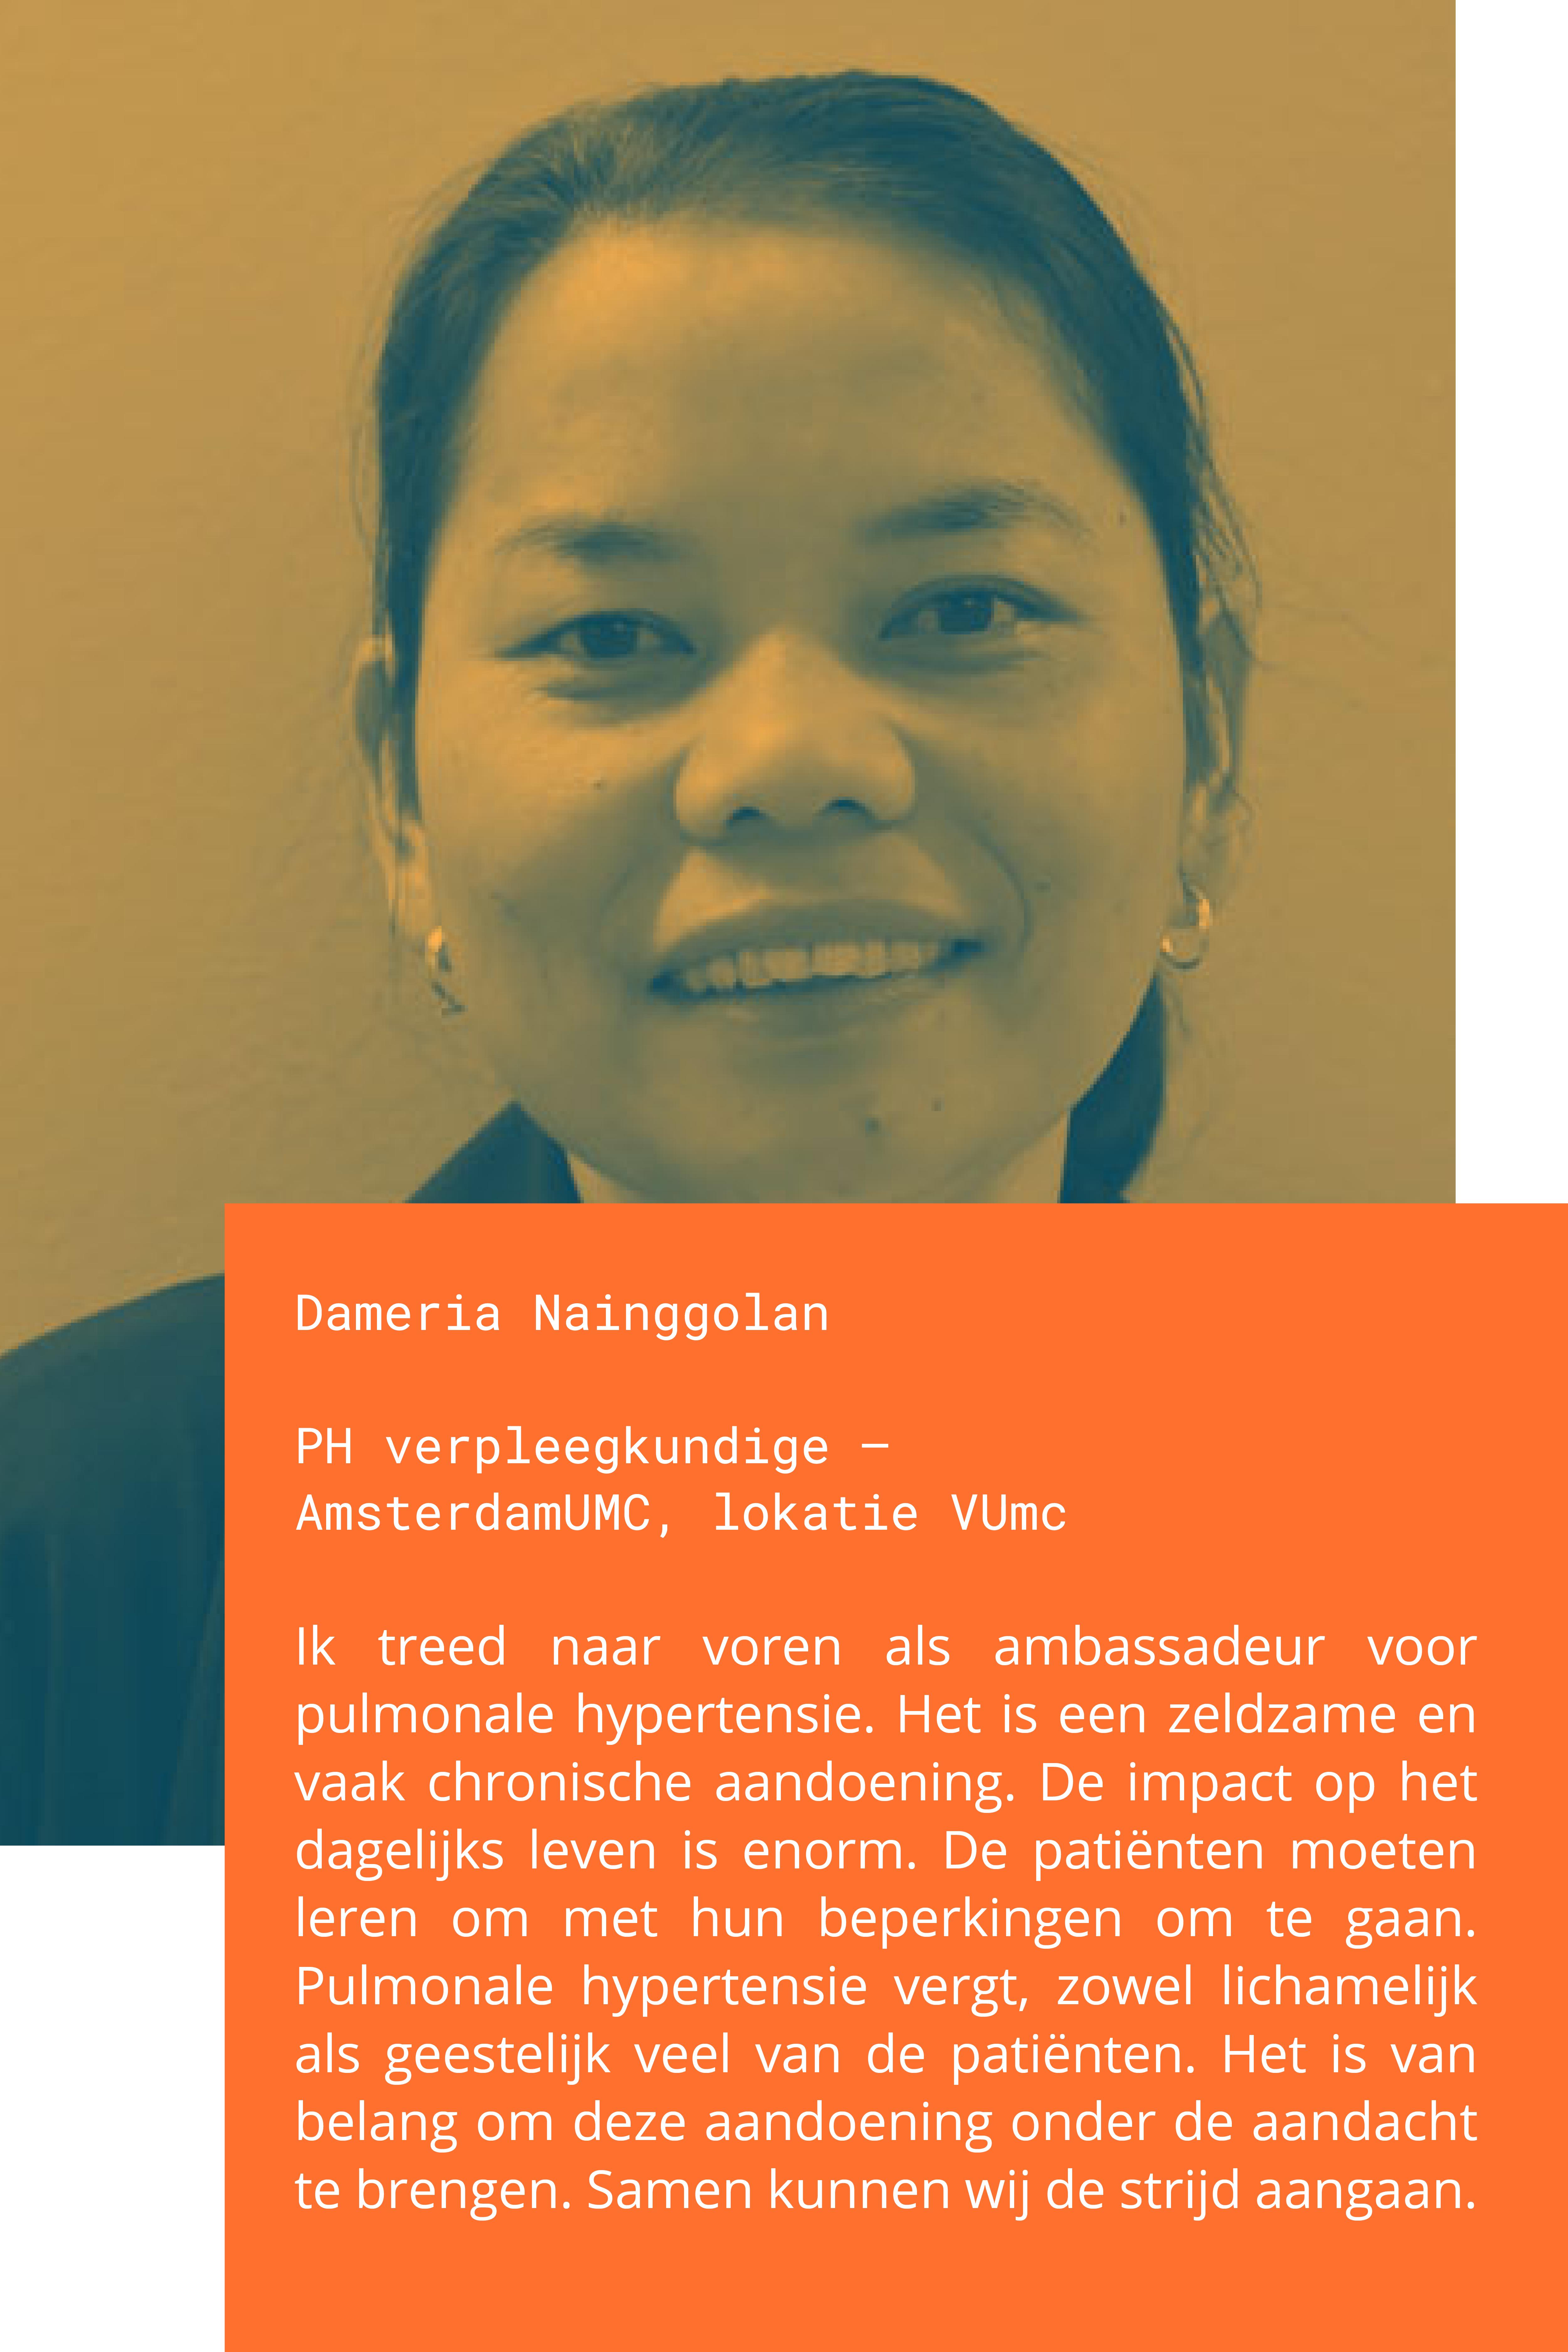 Adembenemend 2020 - Social - Dameria Nainggolan (1)